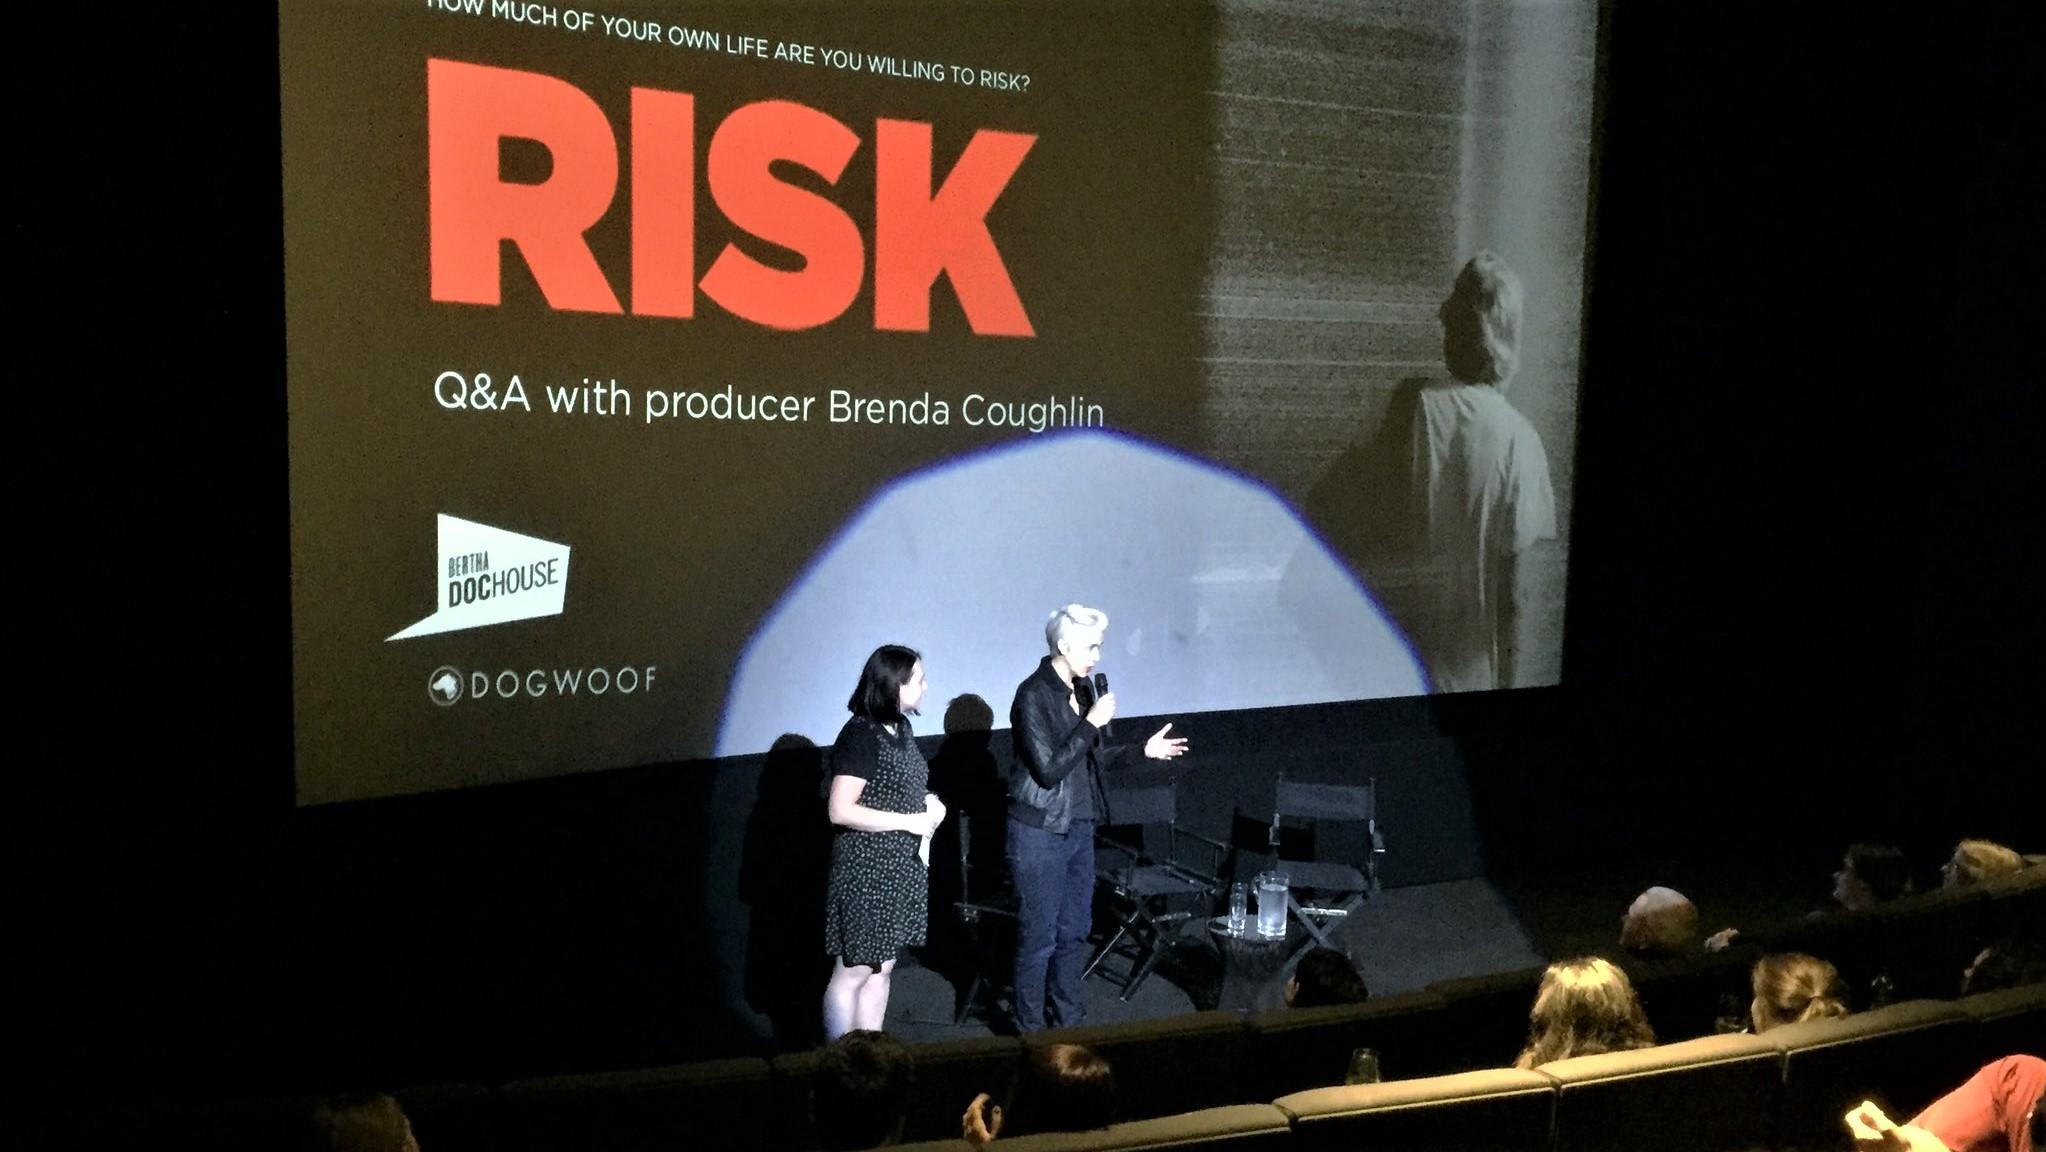 Brenda Coughlin - Risk - Dogwoof Documentary